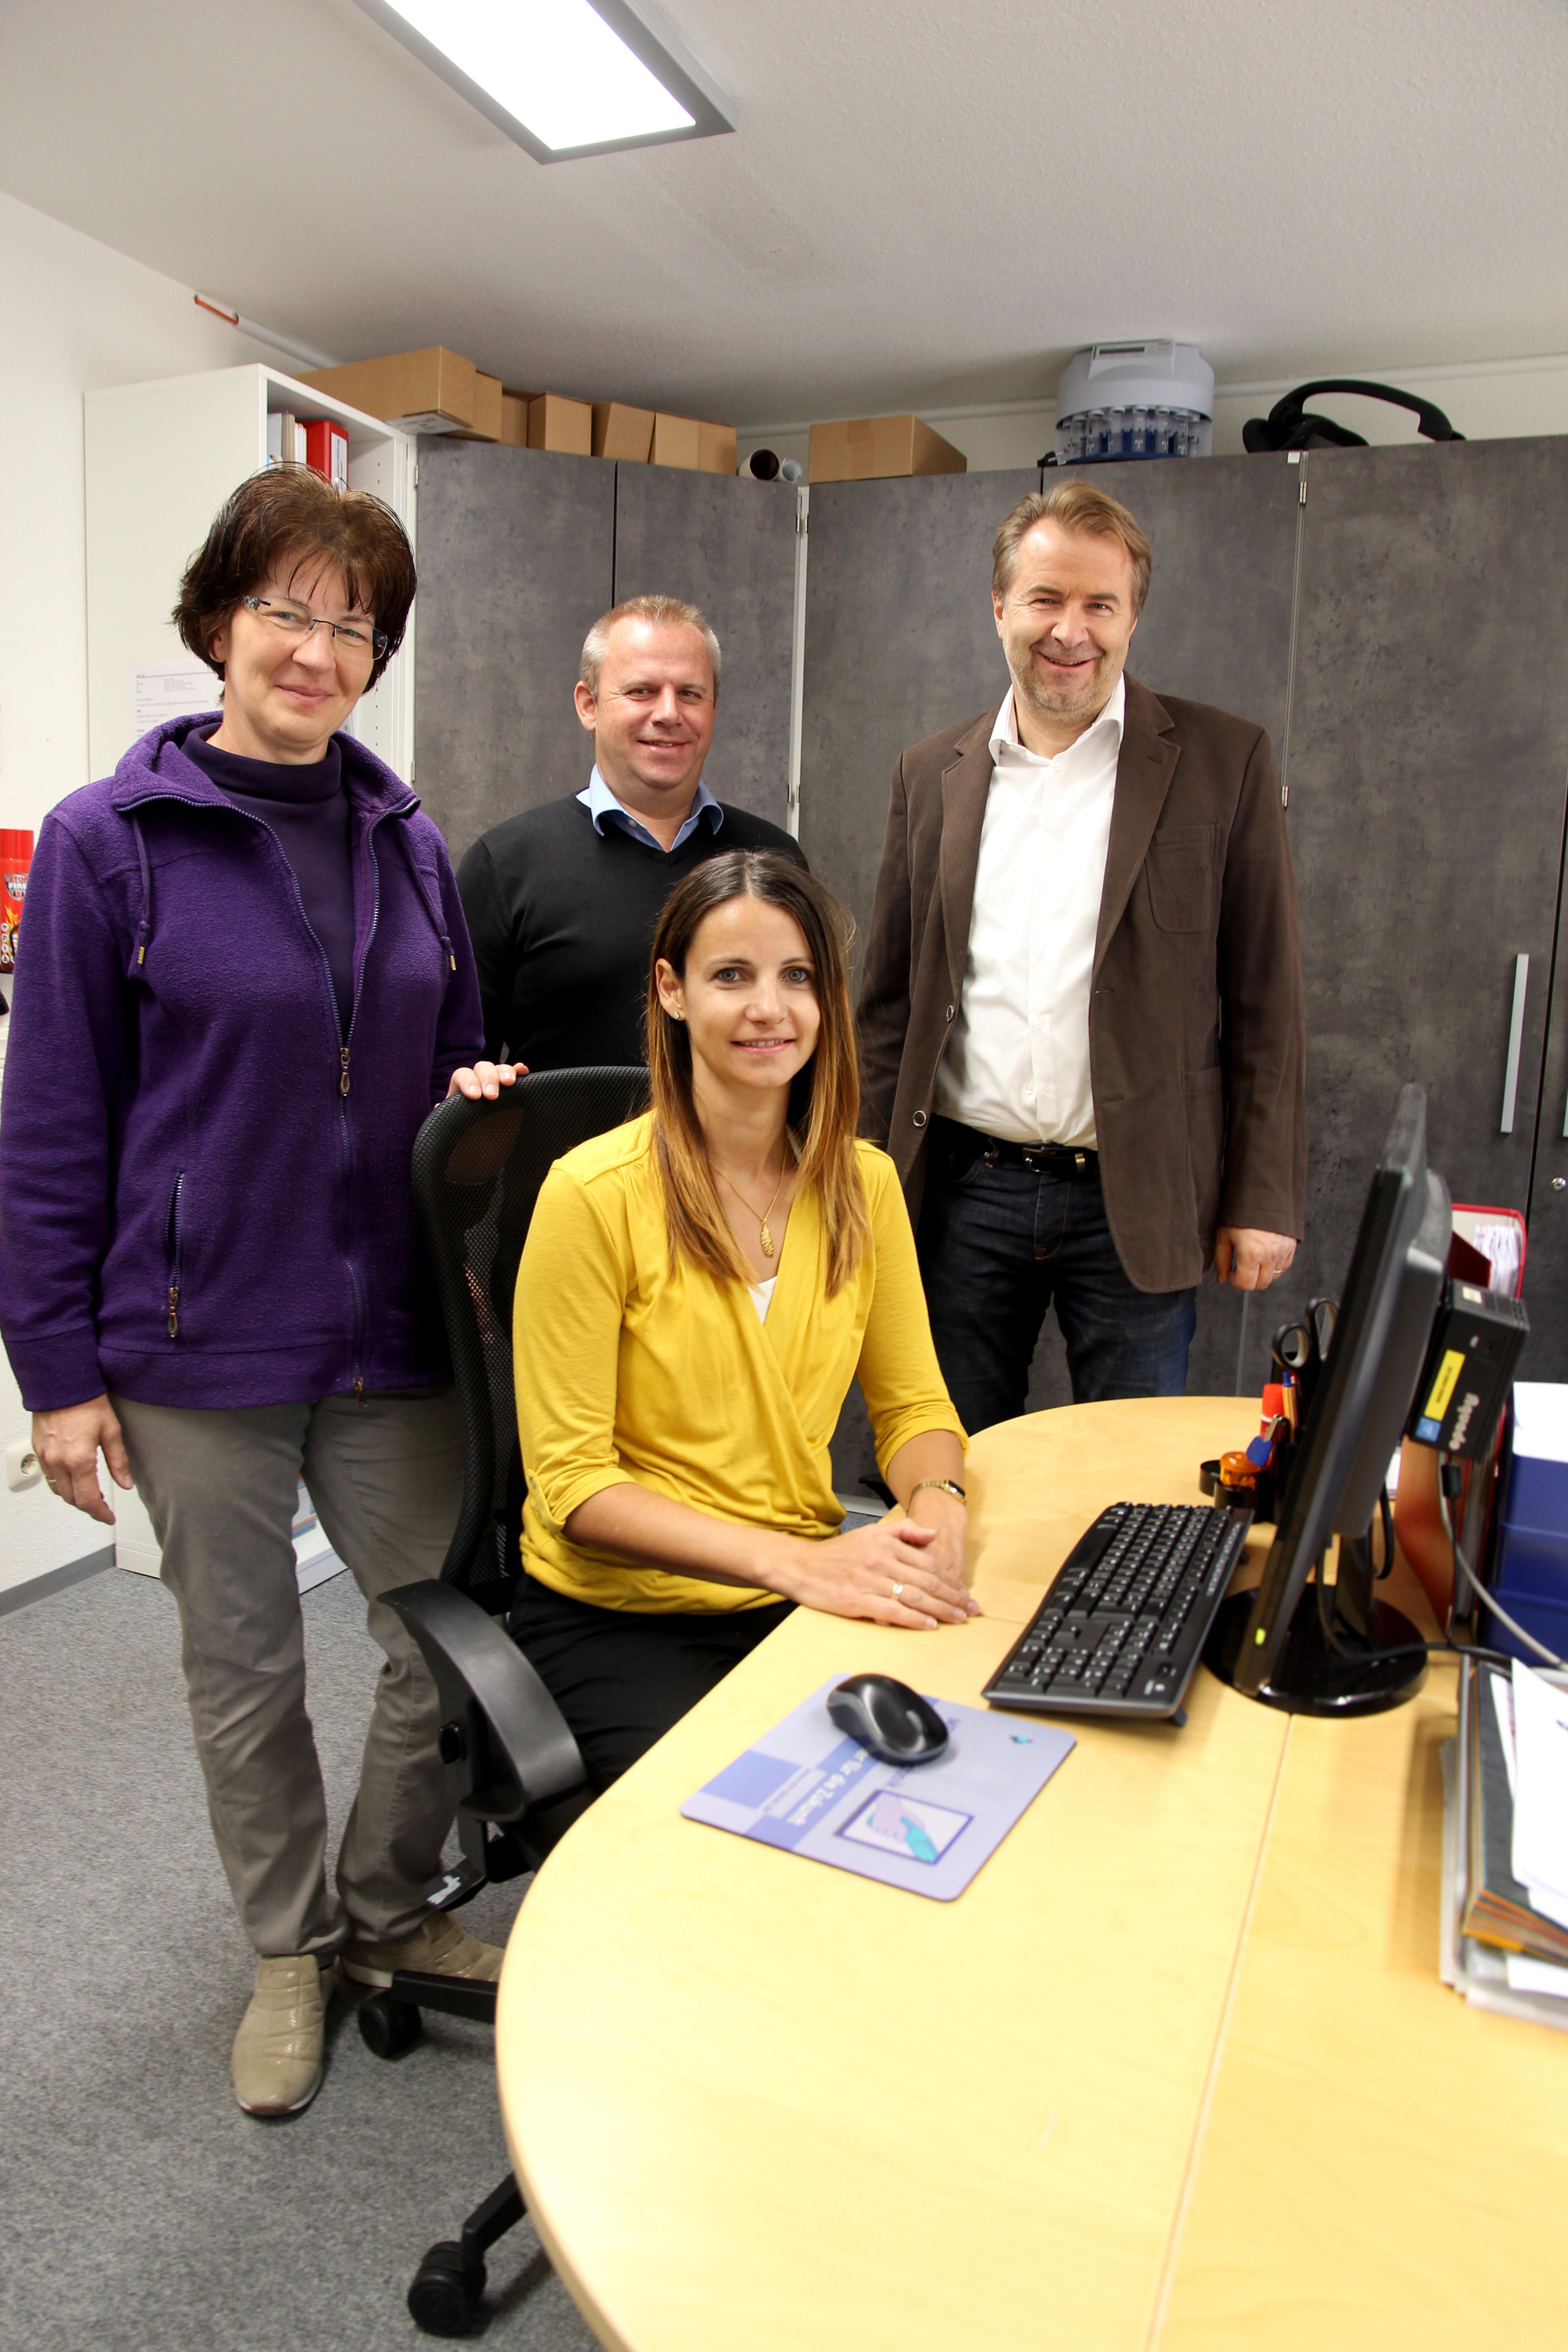 Ramona von der Lehr (vorn) unterstützt derzeit (v.l) Verwaltungsfachkraft Ulla Maul und Wohnstättenleiter Dietmar Meinlschmidt, hier mit Ausbilder Jochen Potzel.